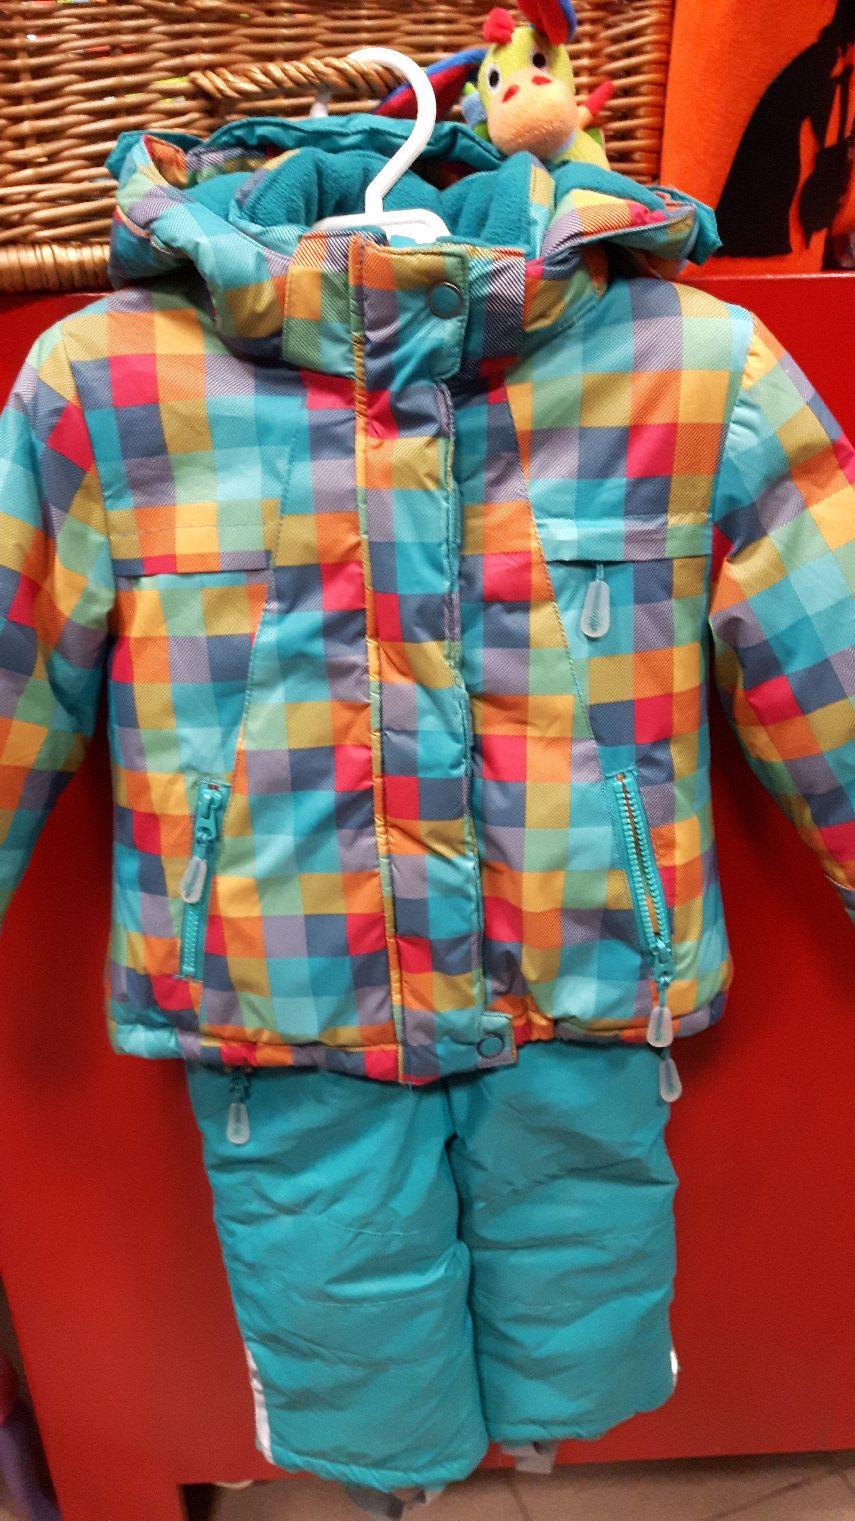 8ad0614b7840e6 Baby & Mama Shop komis artykułów dziecięcych oraz ciążowych ...